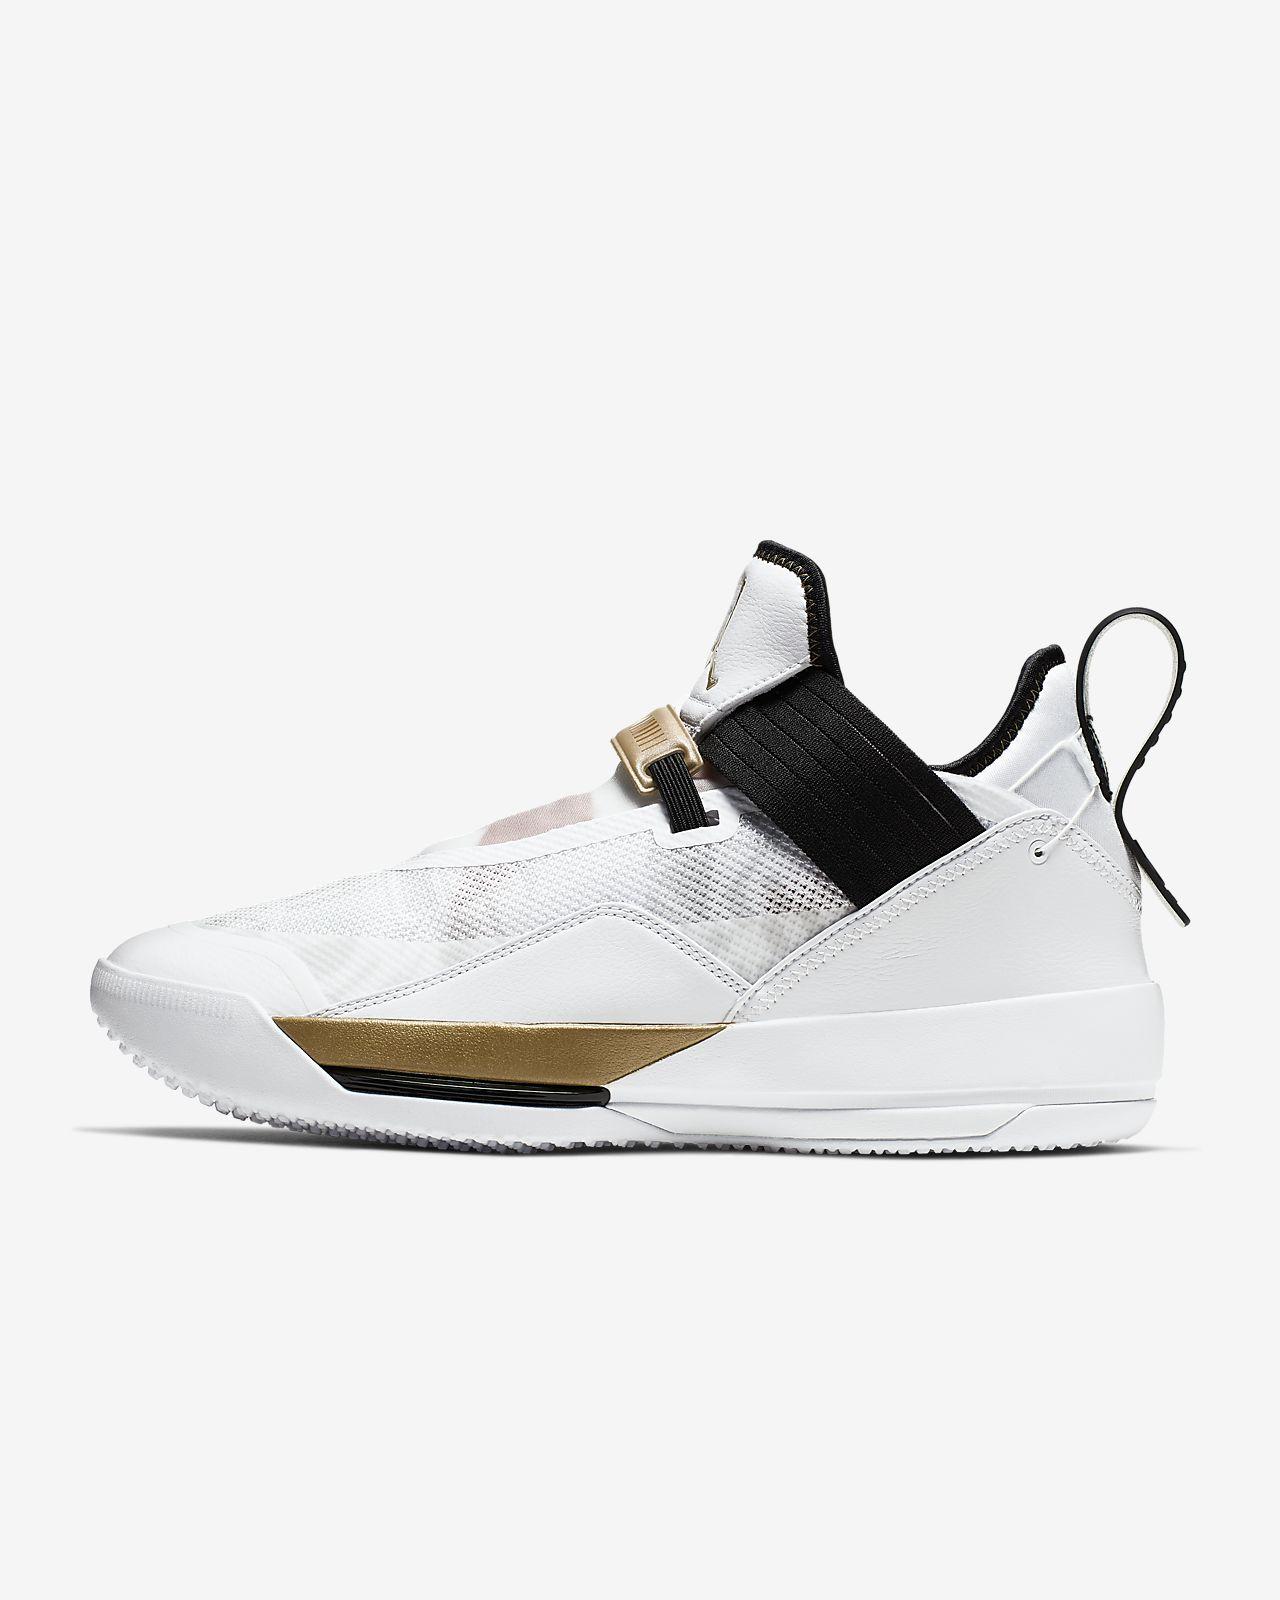 Air Jordan XXXIII SE FIBA PF 男子篮球鞋